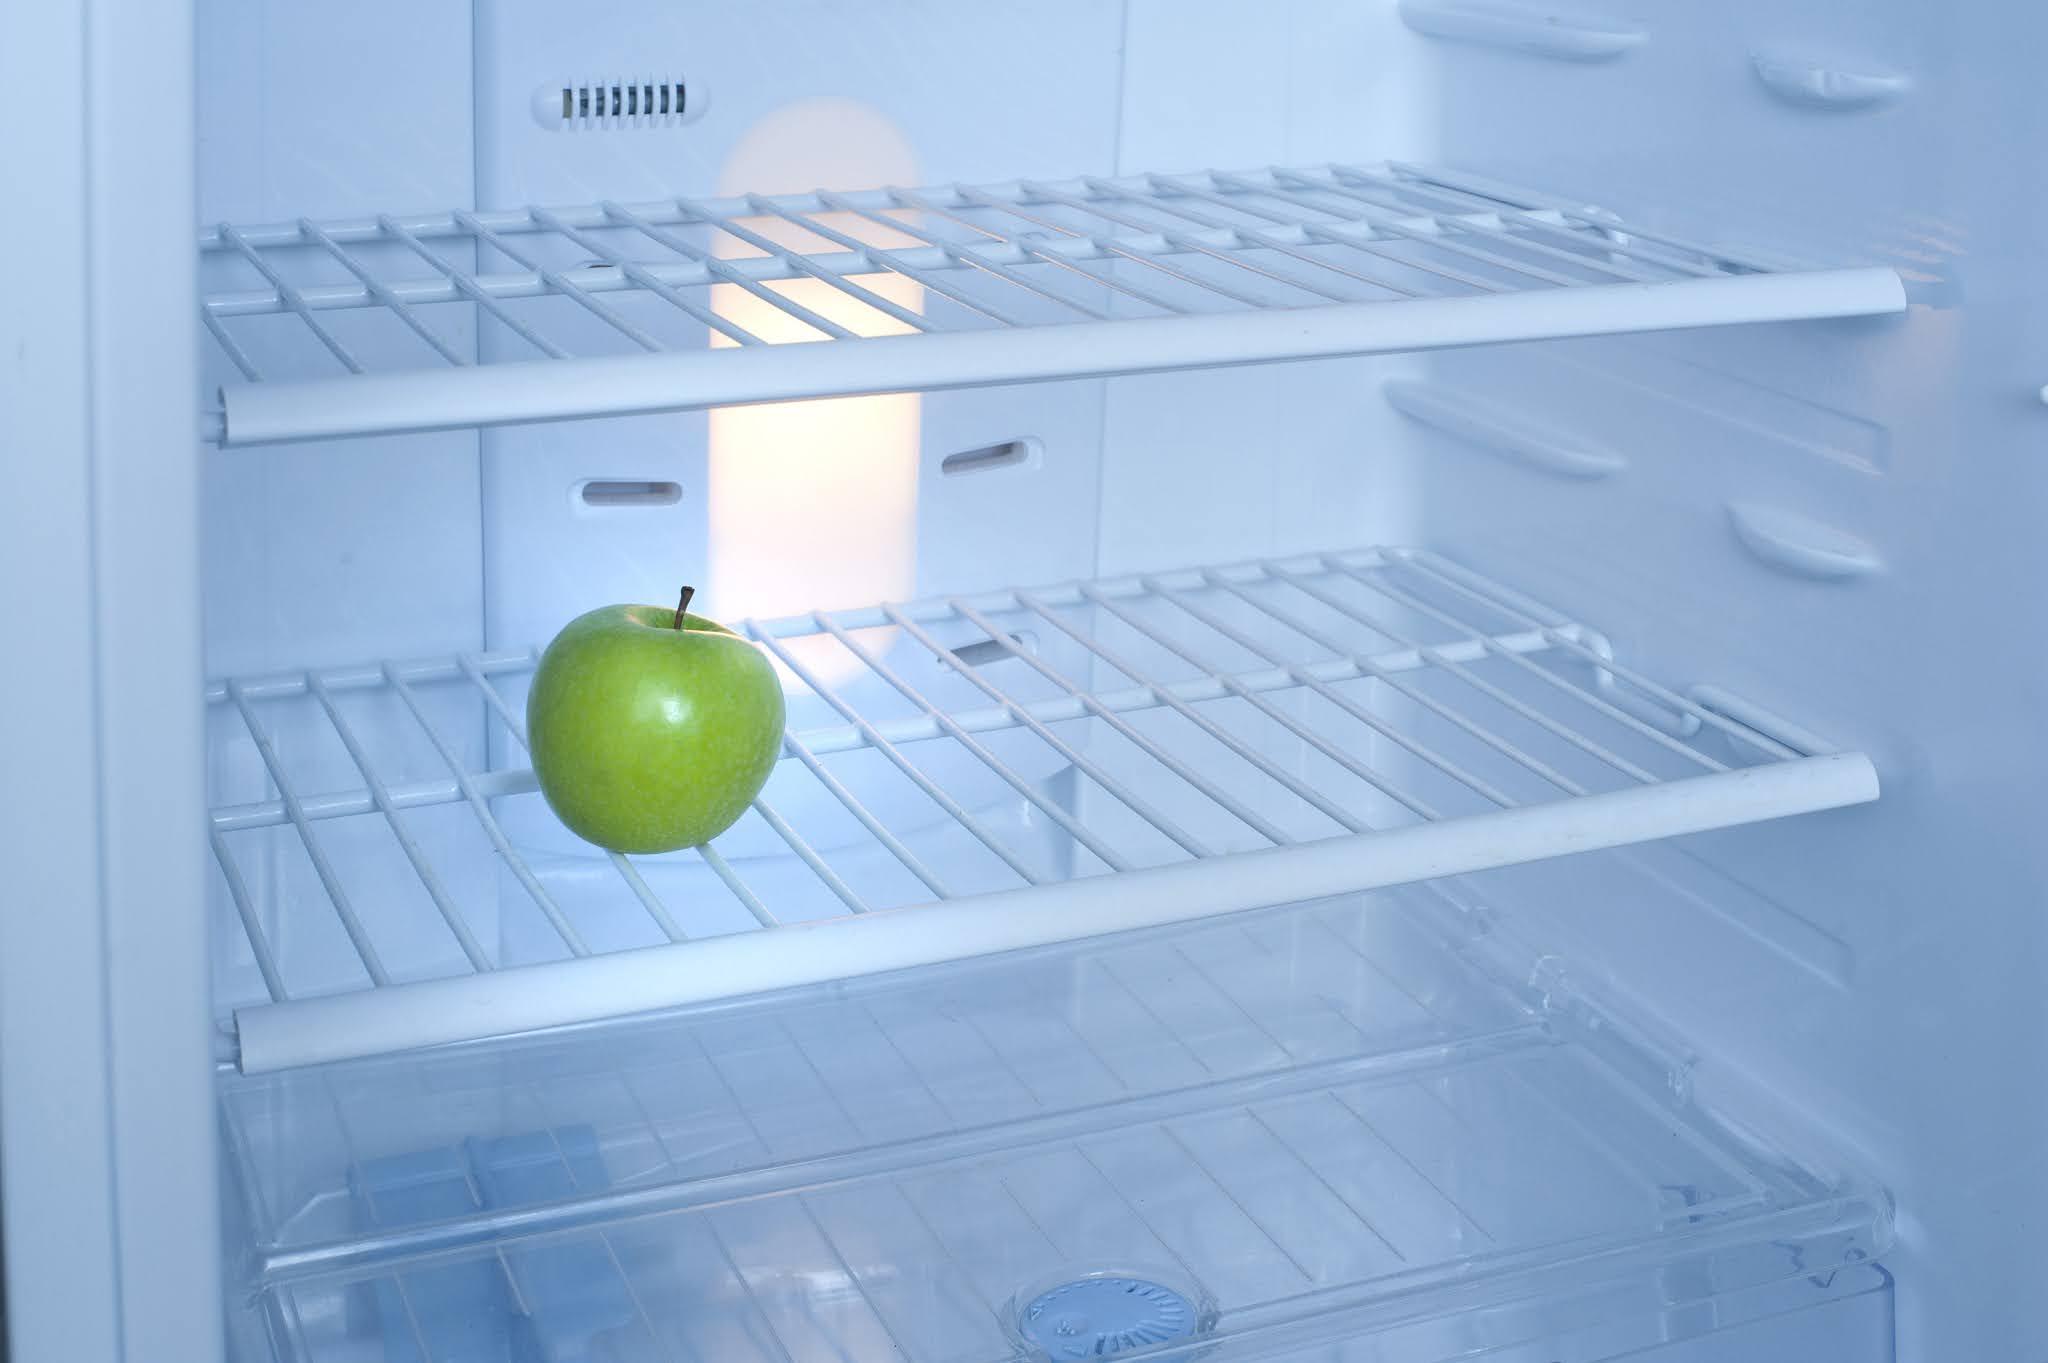 Jenis Buah-Buahan yang Sebaiknya Tidak Disimpan di Kulkas